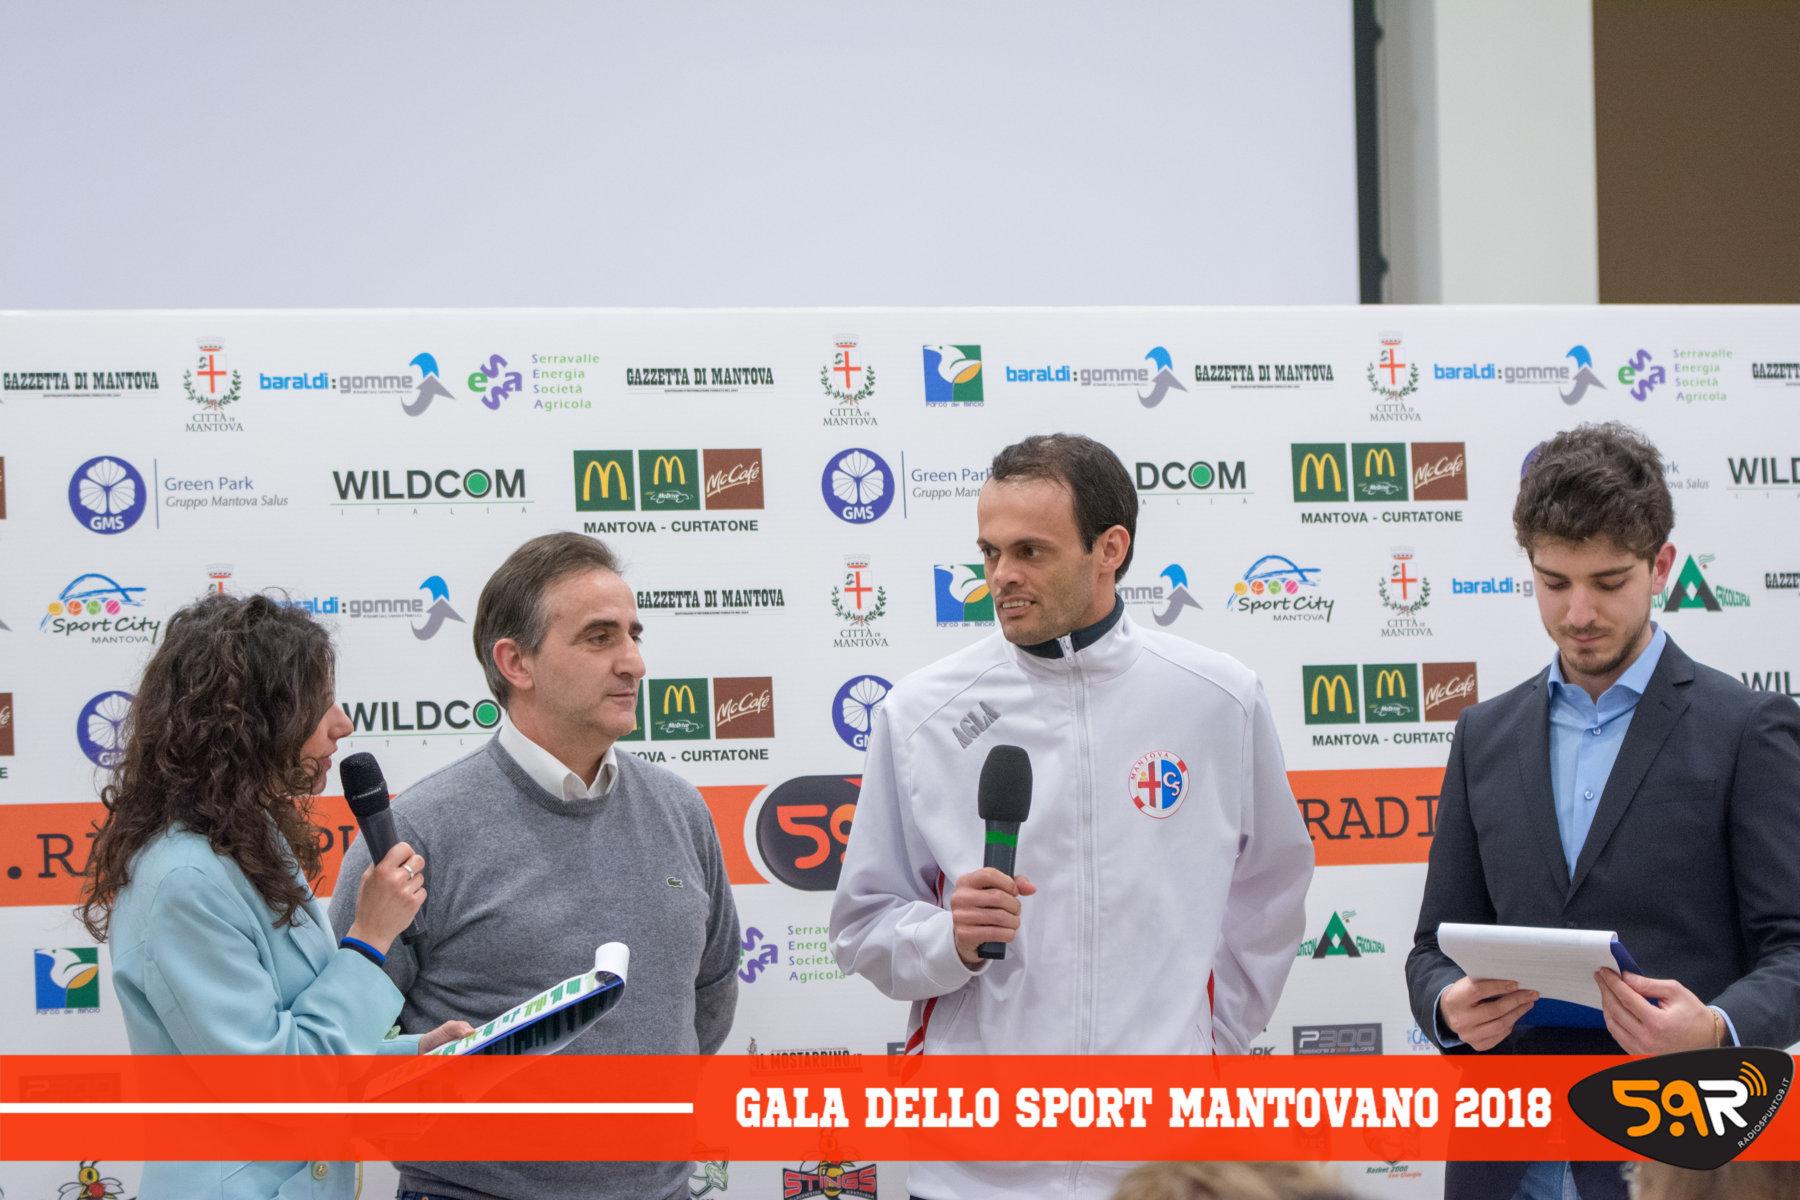 Gala dello Sport Mantovano 2018 Web Radio 5 (108)